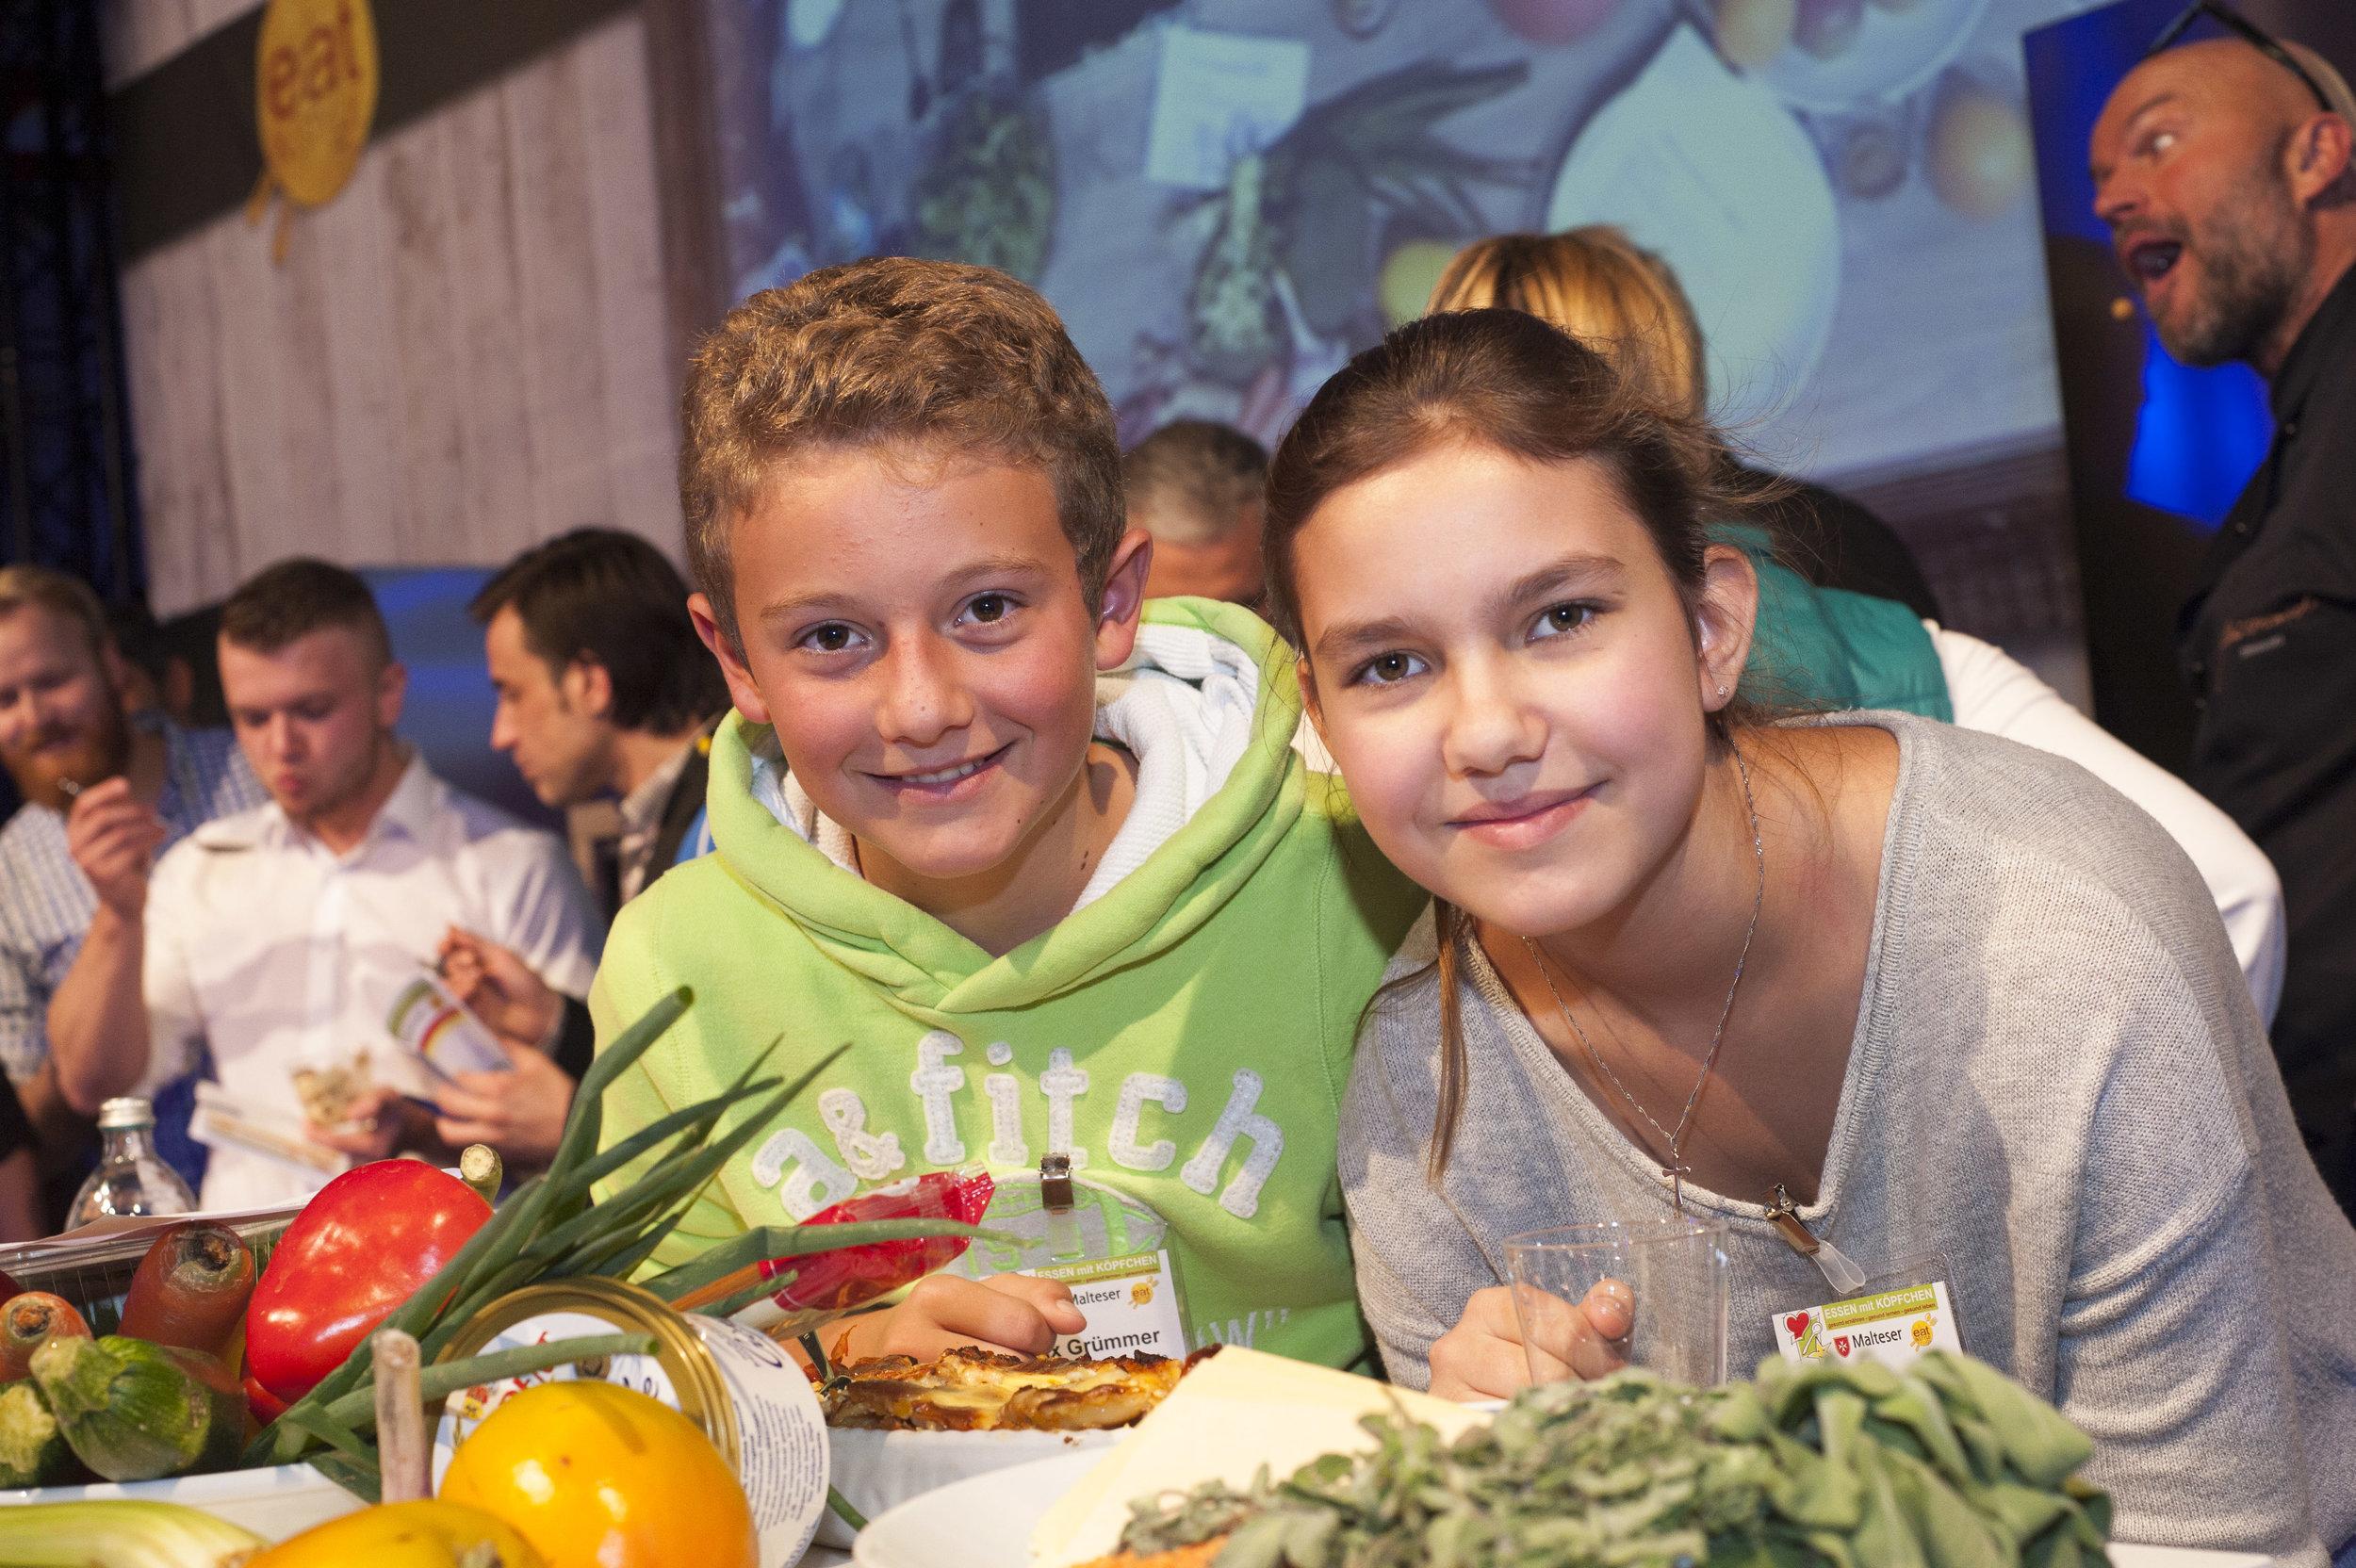 Smartfoodies -Essen mit Köpfchen - Gesund essen, gesund lernen, gesund leben.